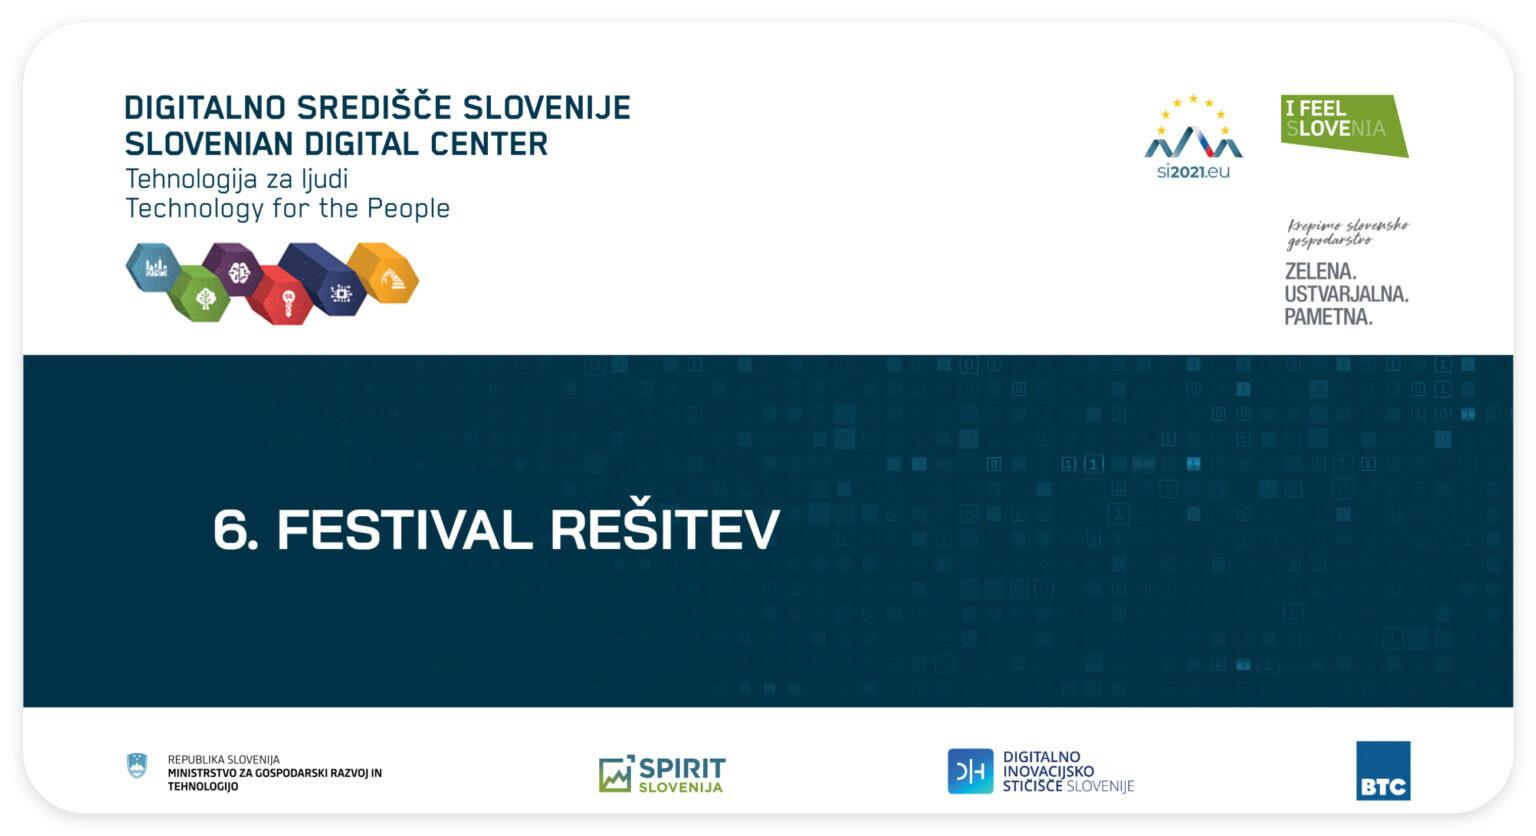 34 Spletna Stran Sesti Festival Resitev b 1536x836